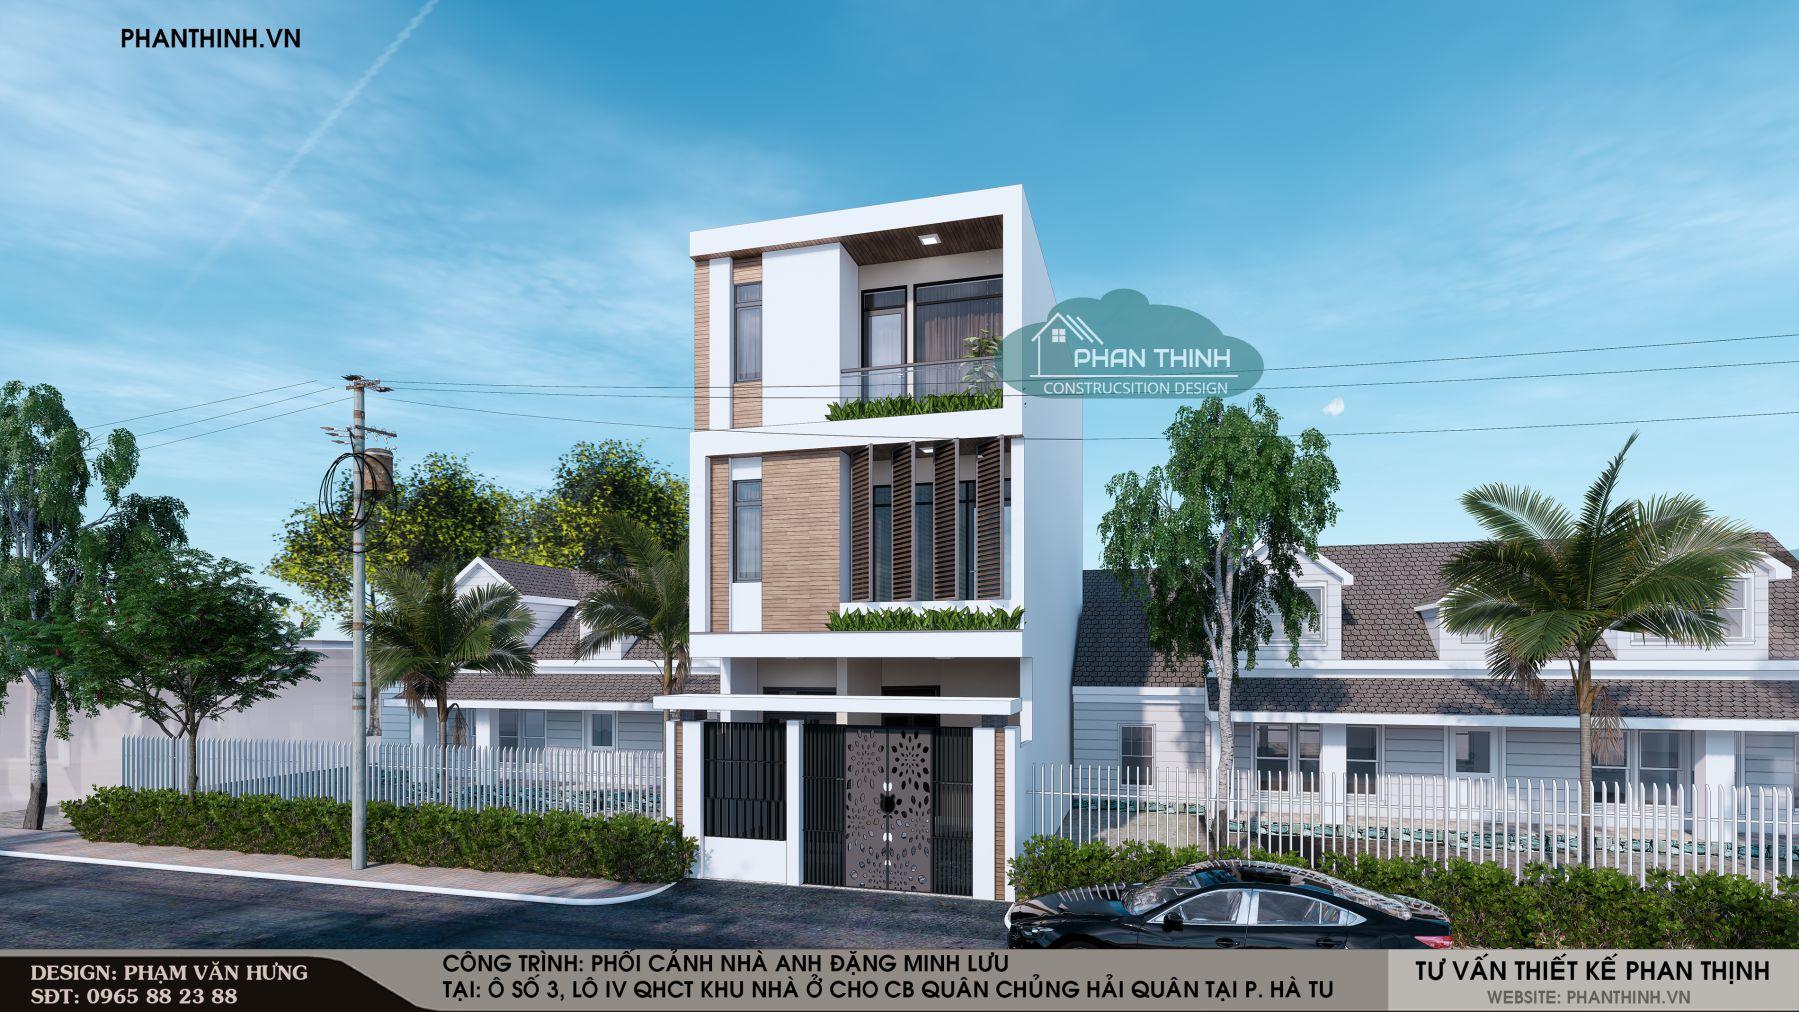 Thiết kế mẫu nhà 3 tầng 6m mặt tiền phong cách hiện đại Quảng Ninh